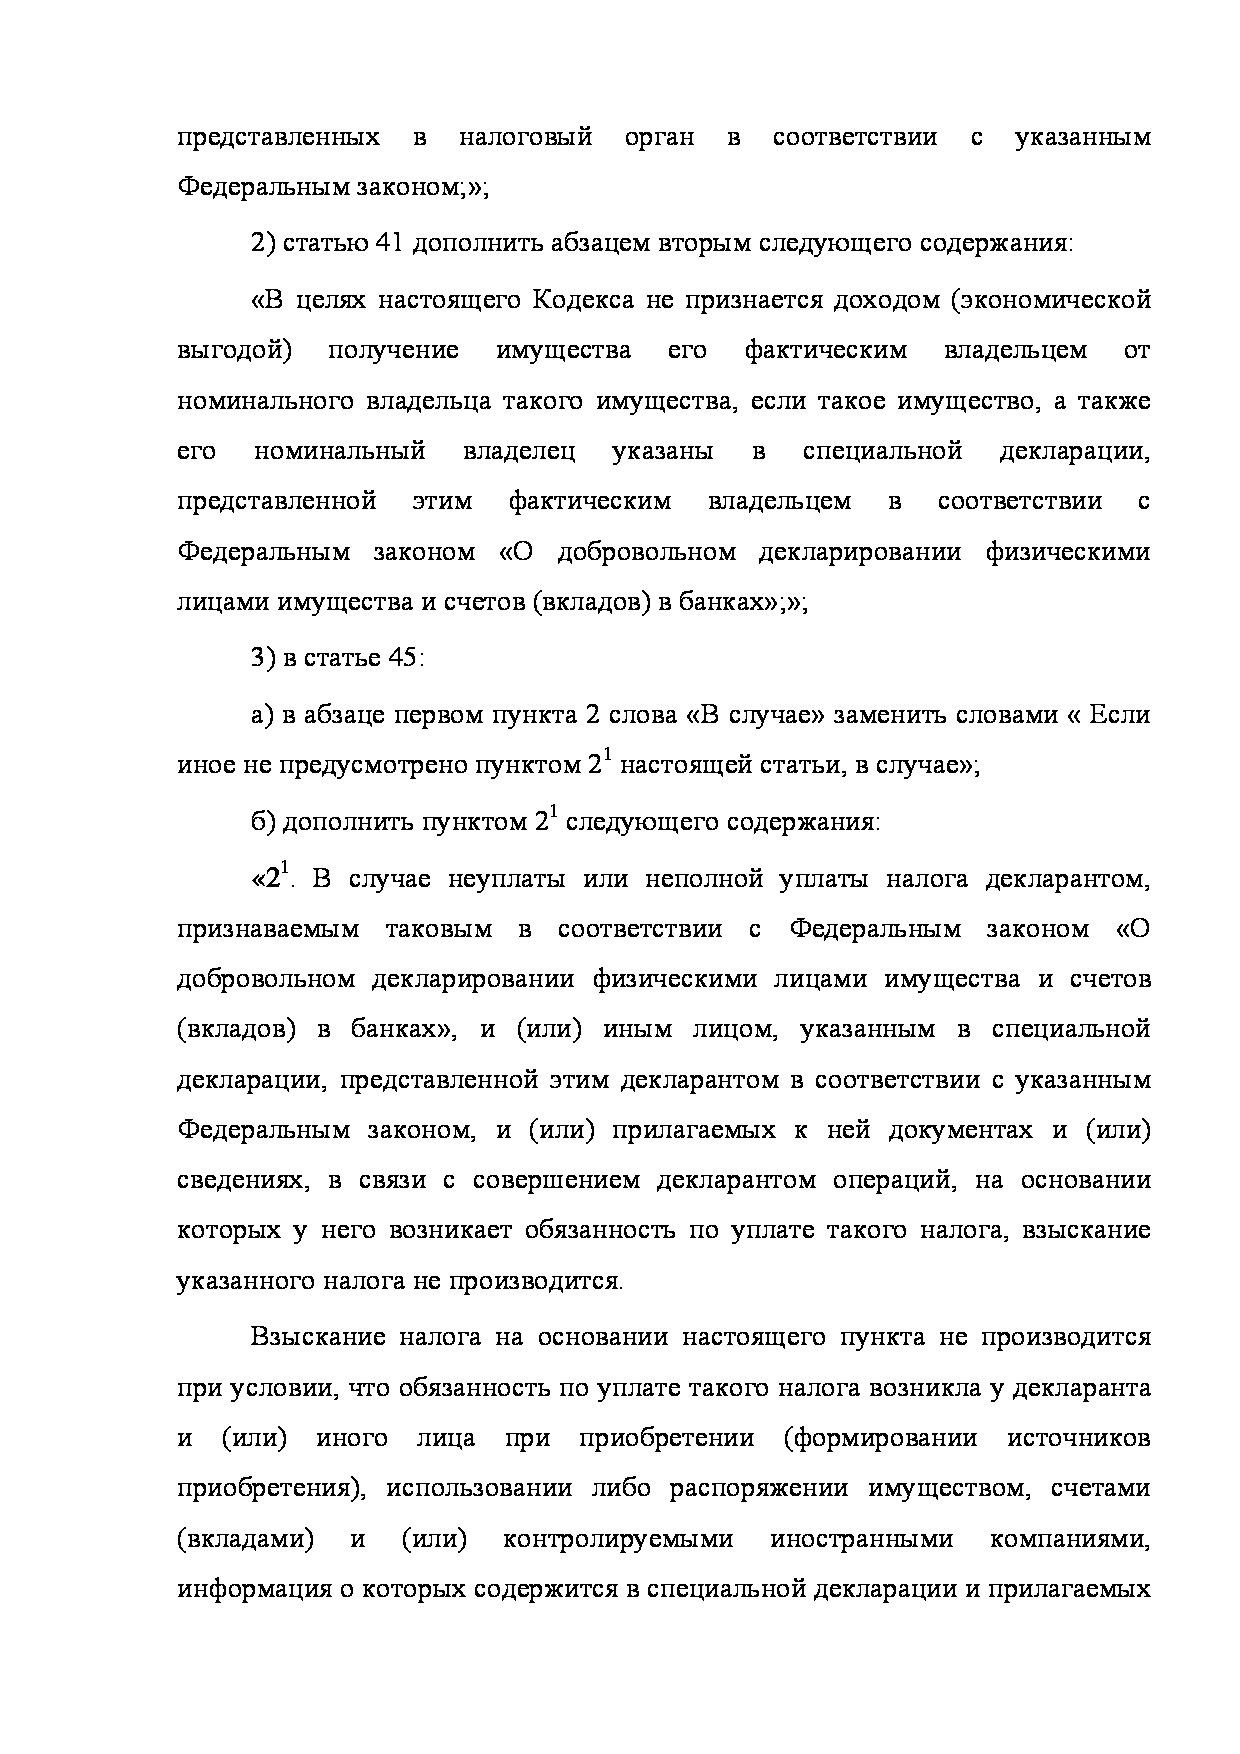 Закон 137 - фз налоговые вычеты мсфо янг